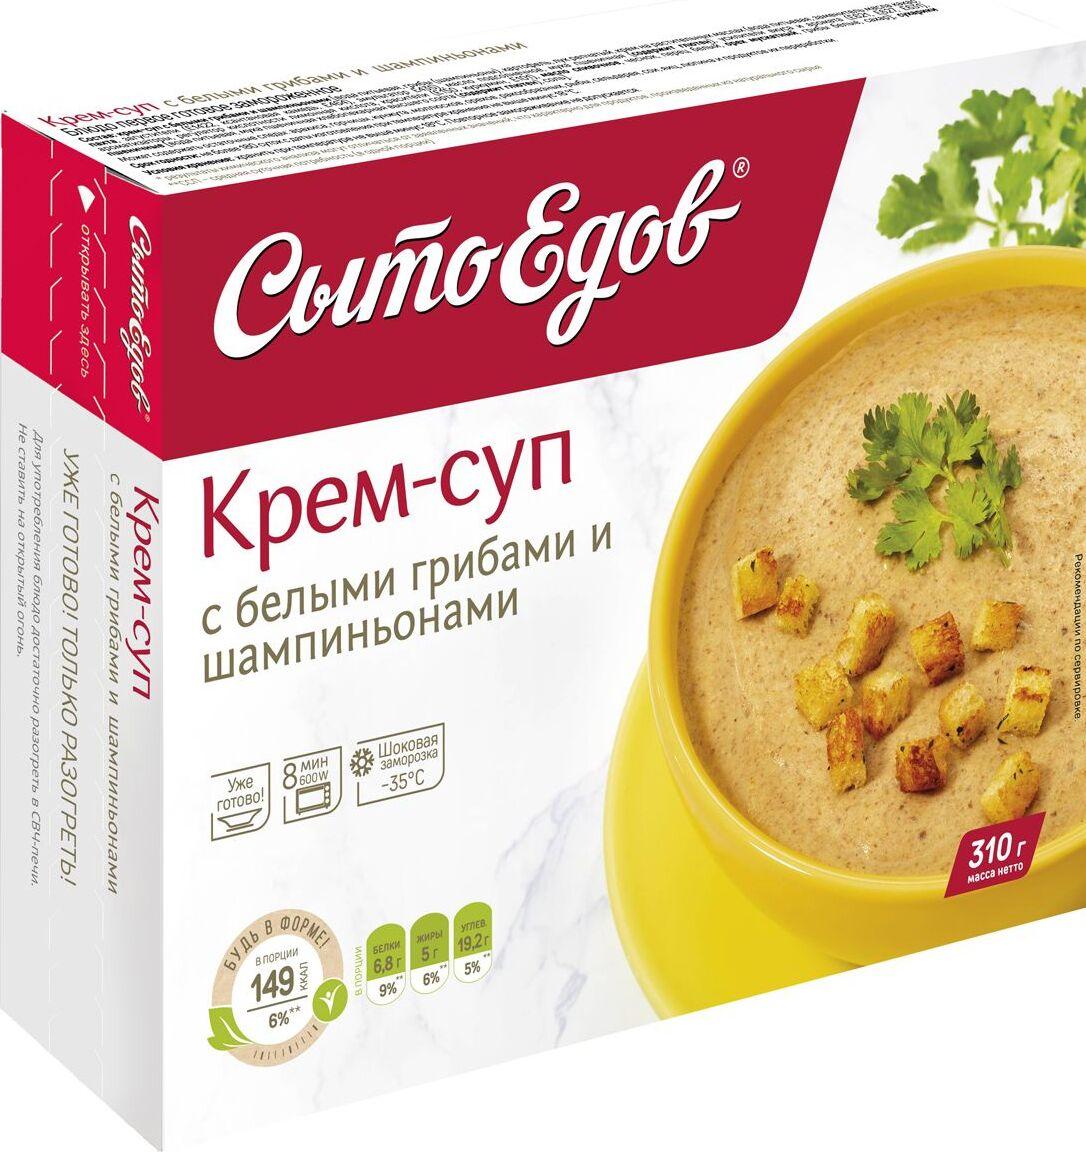 Сытоедов Крем-суп из белых грибов и шампиньонов, 310 г недорого